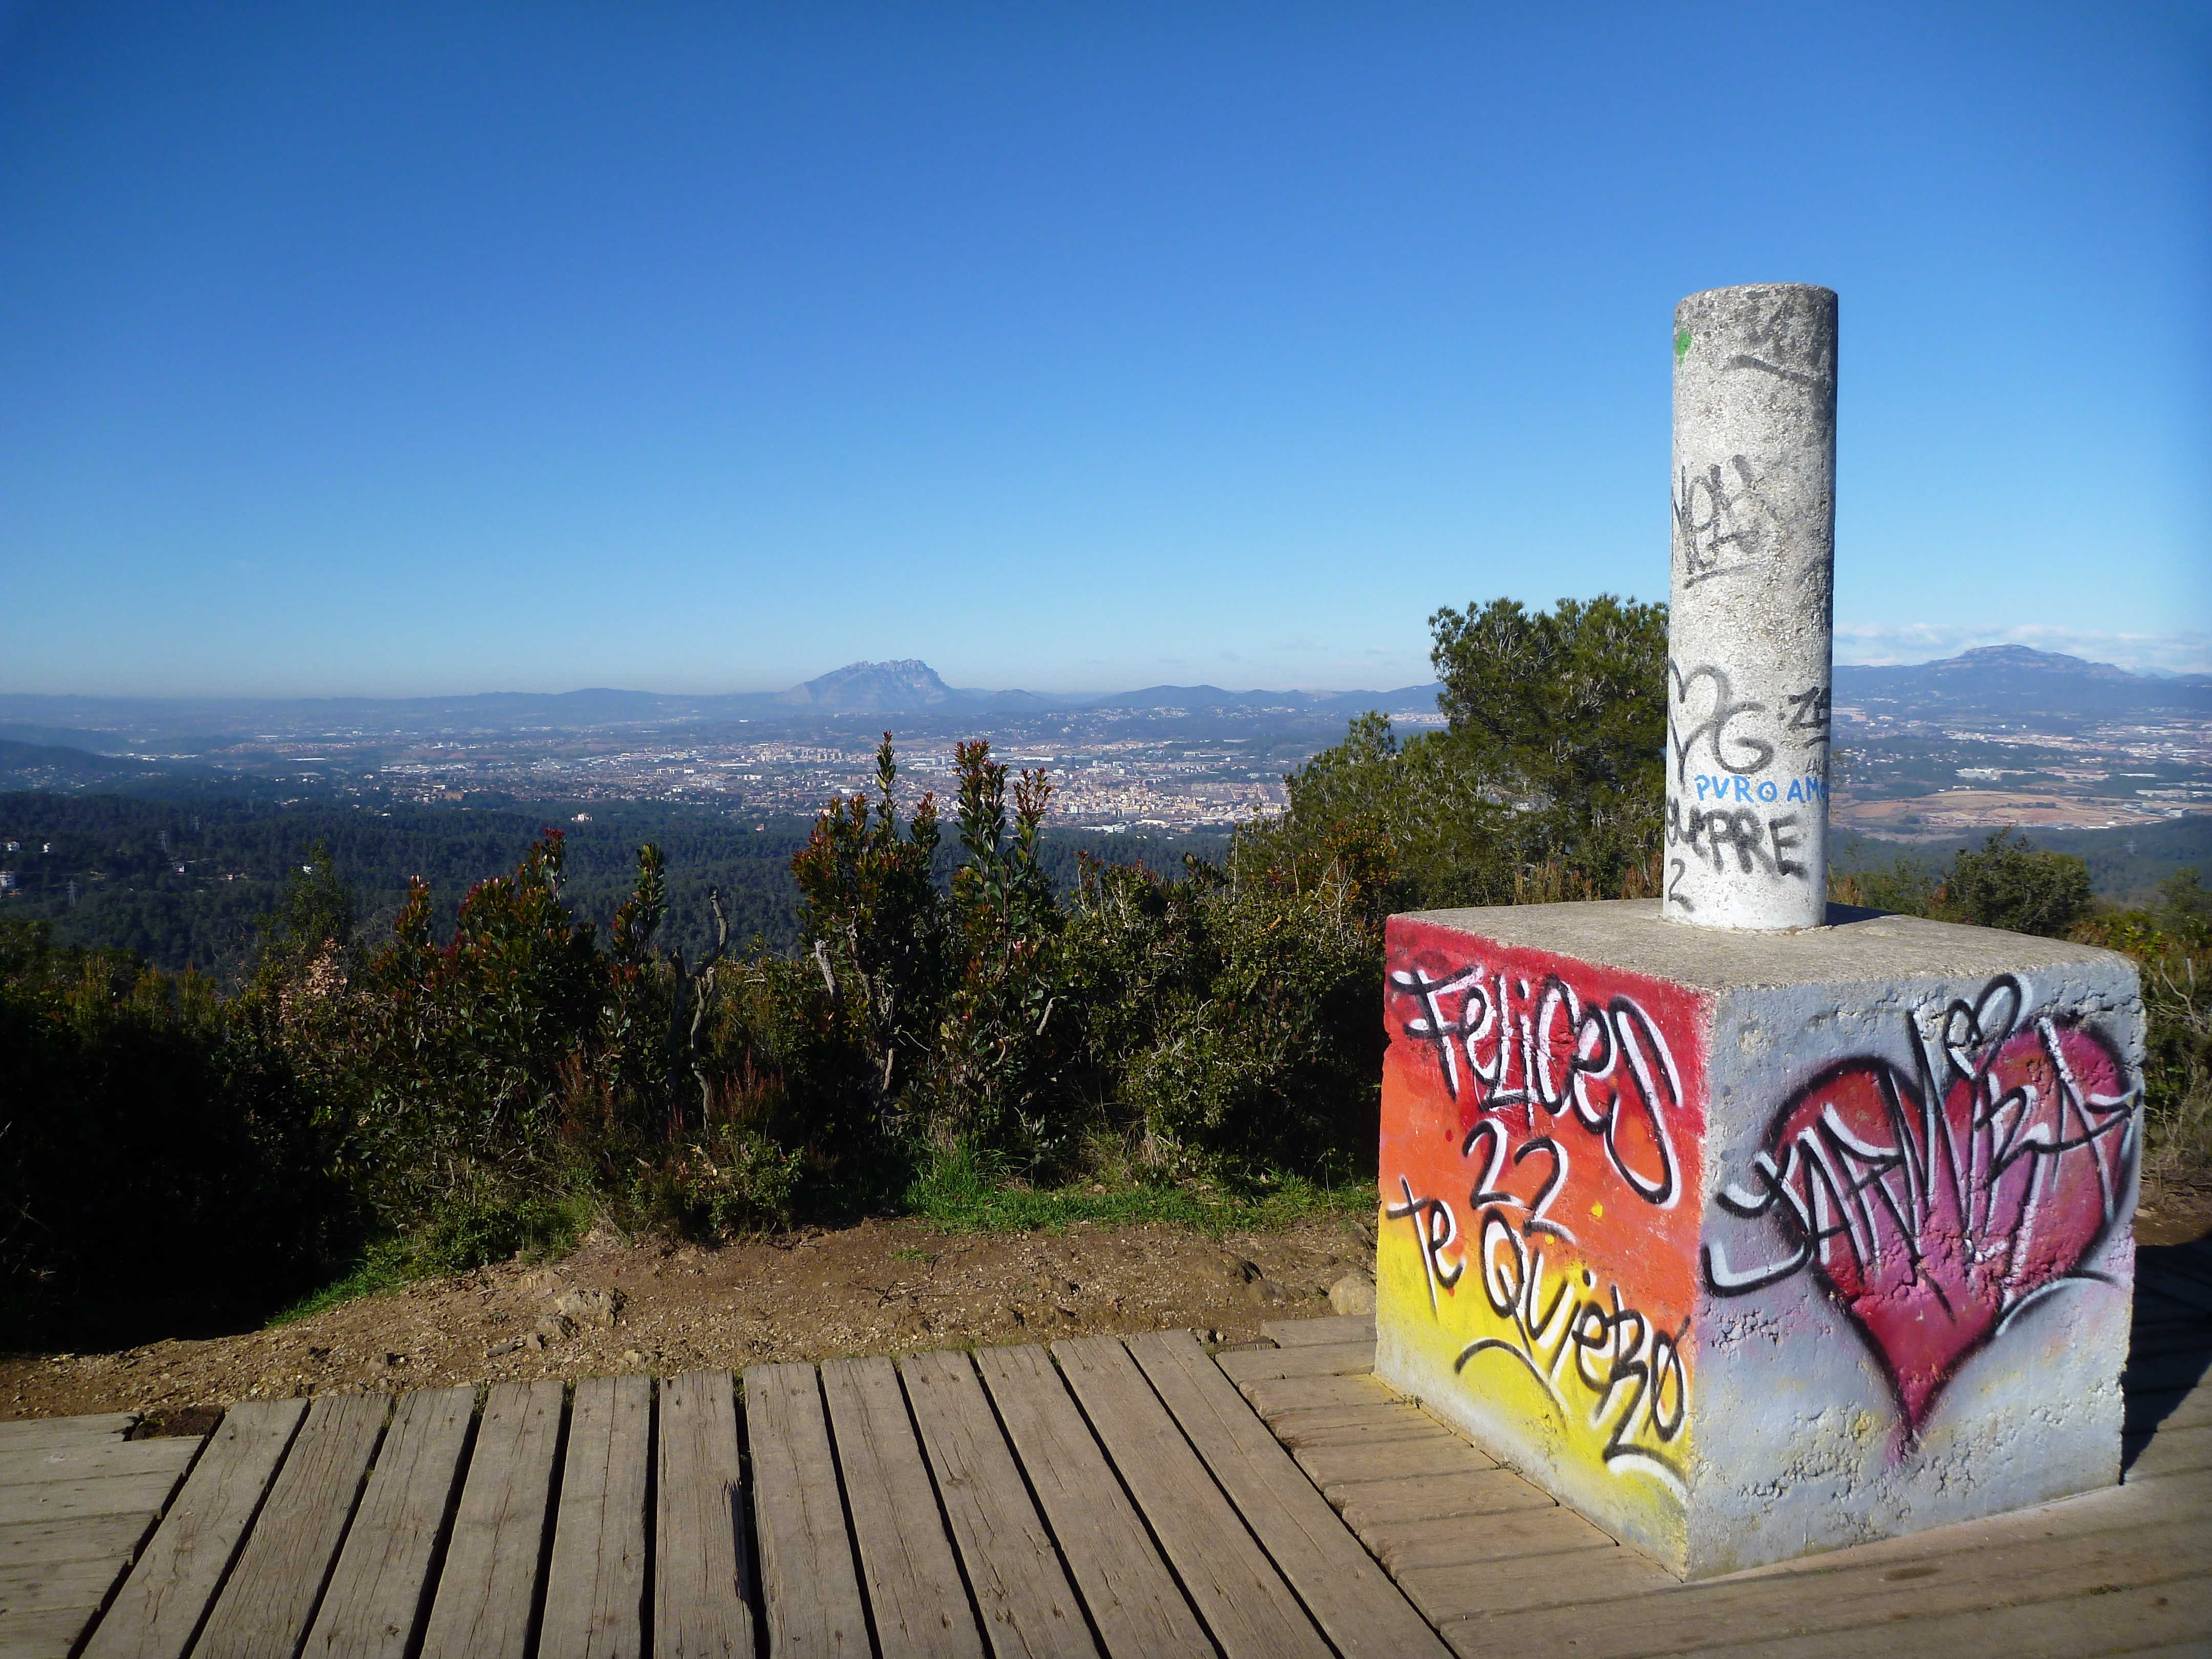 Les plus beaux panoramas de Barcelone - Mirador Maria Gispert - Barcelona Autrement